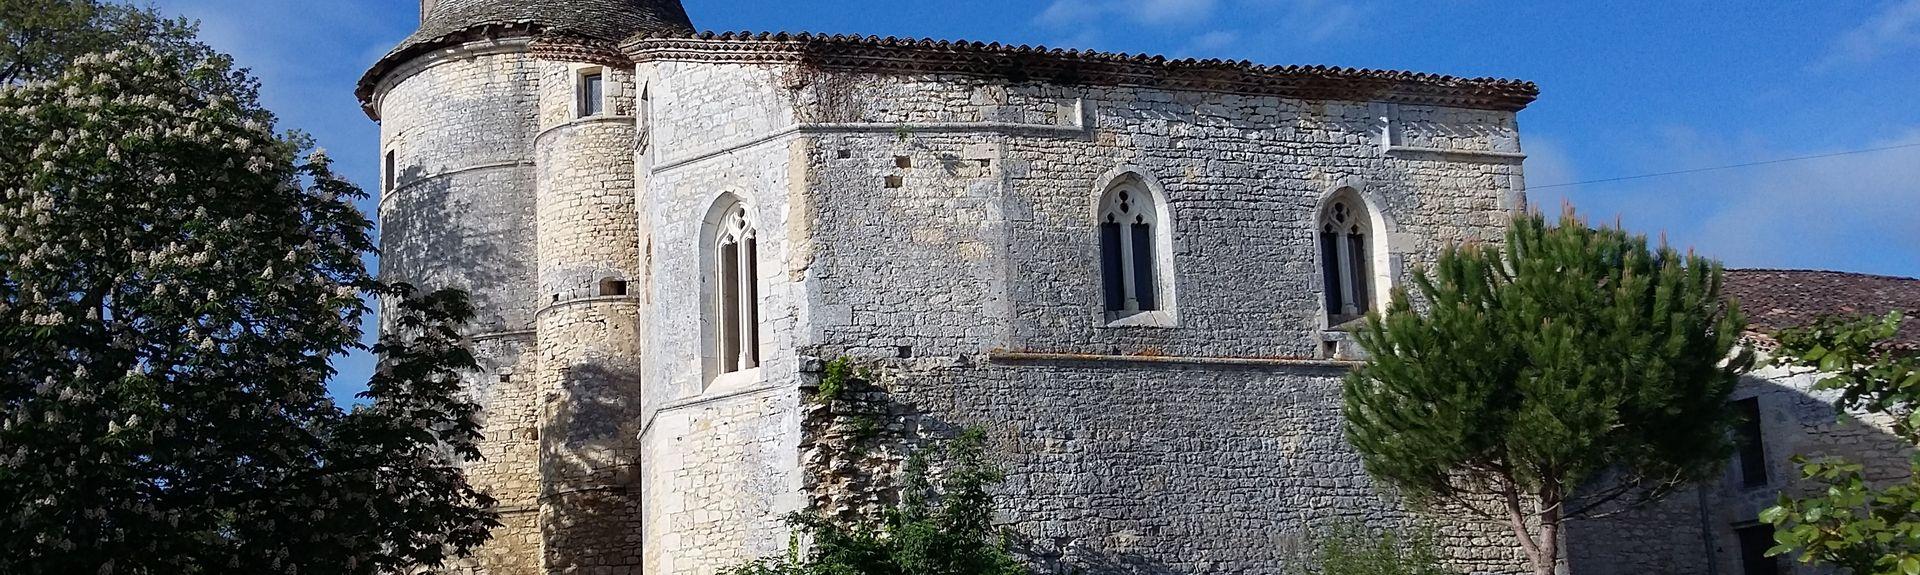 Maubec, Tarn i Garonna, Occitanie, Francja